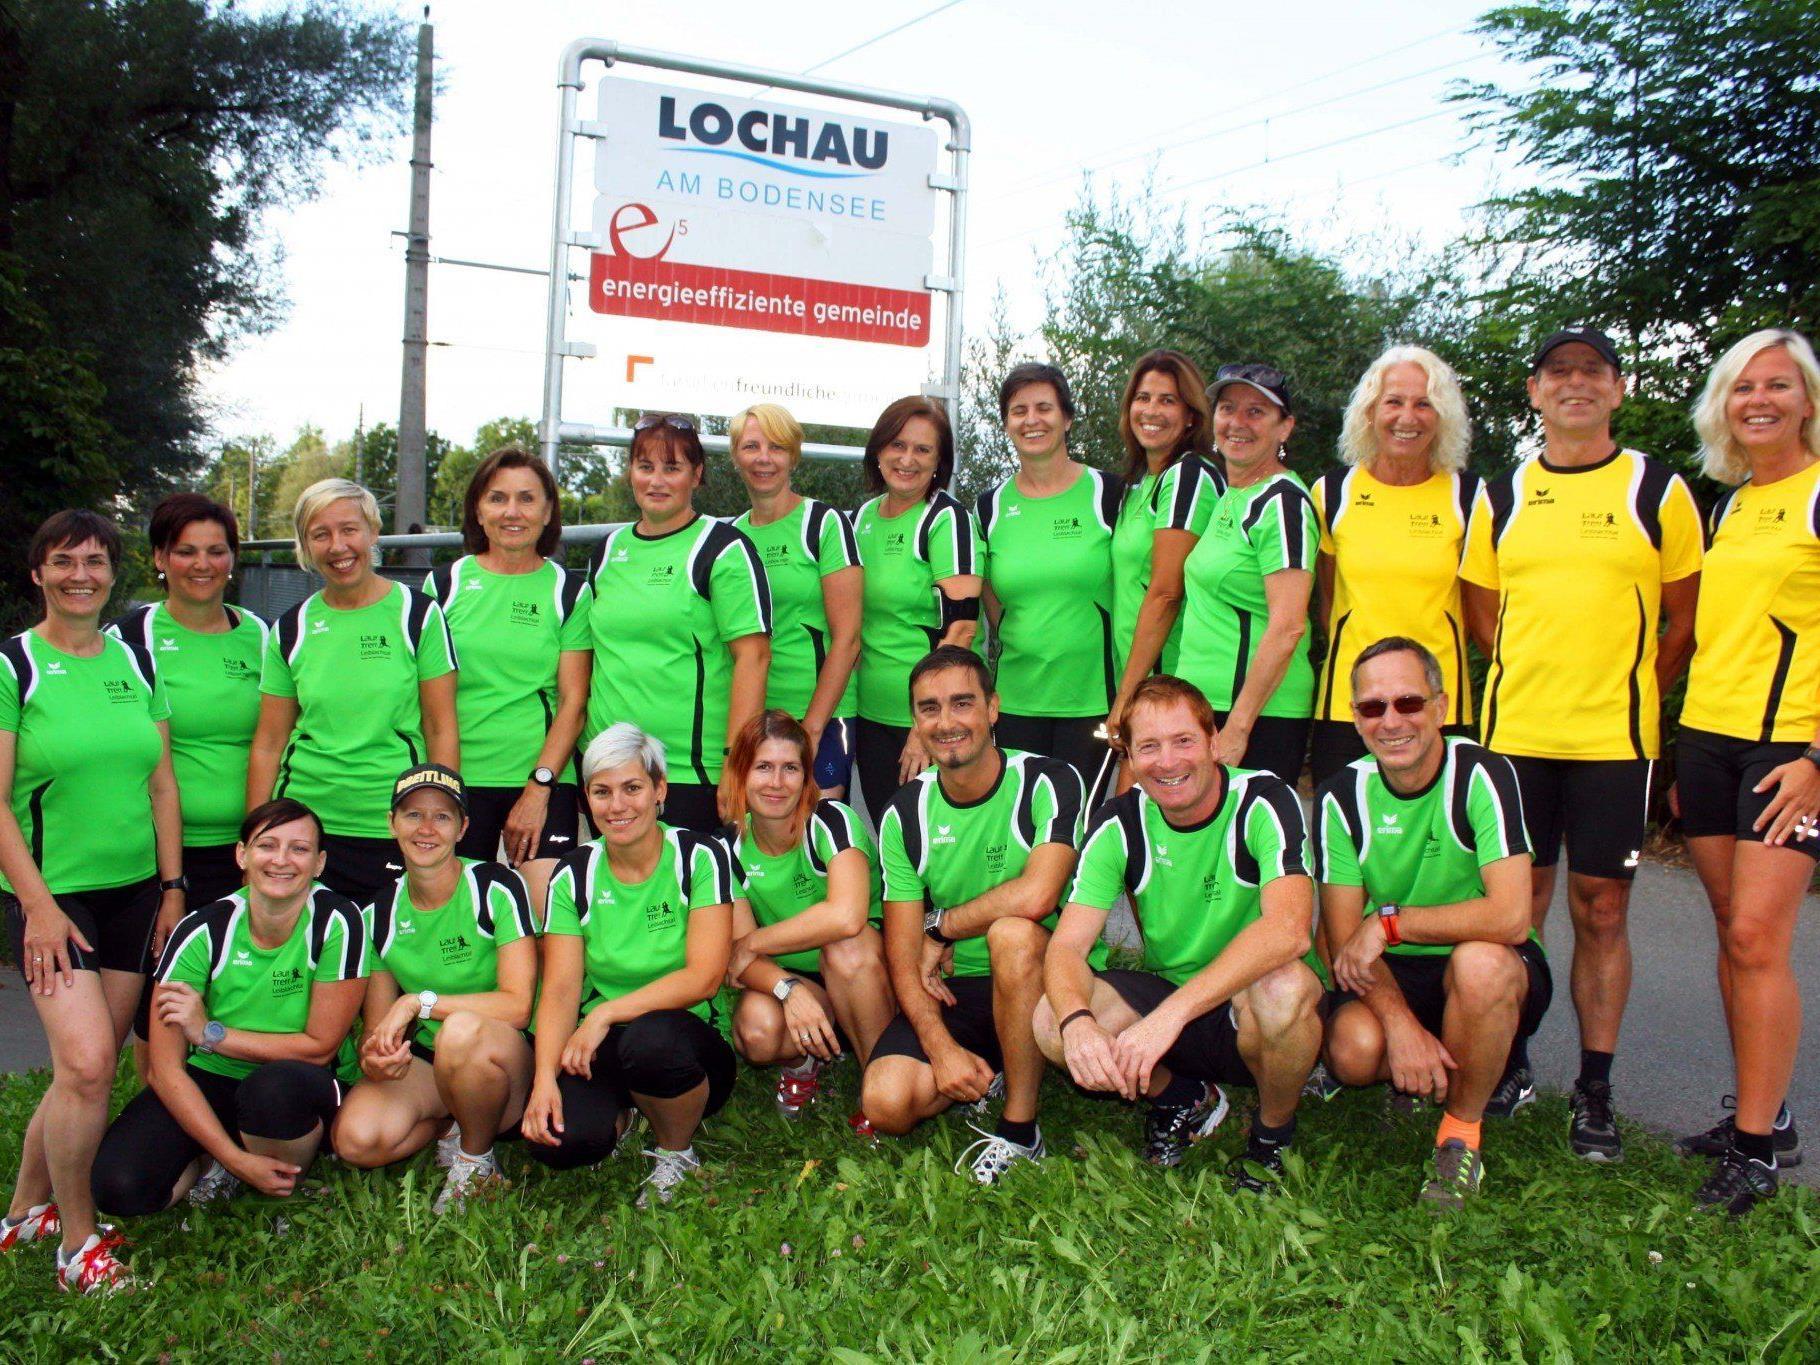 Stolz präsentieren sich die Mitglieder des LaufTreff Leiblachtal in ihrer neuen Vereinsbekleidung.